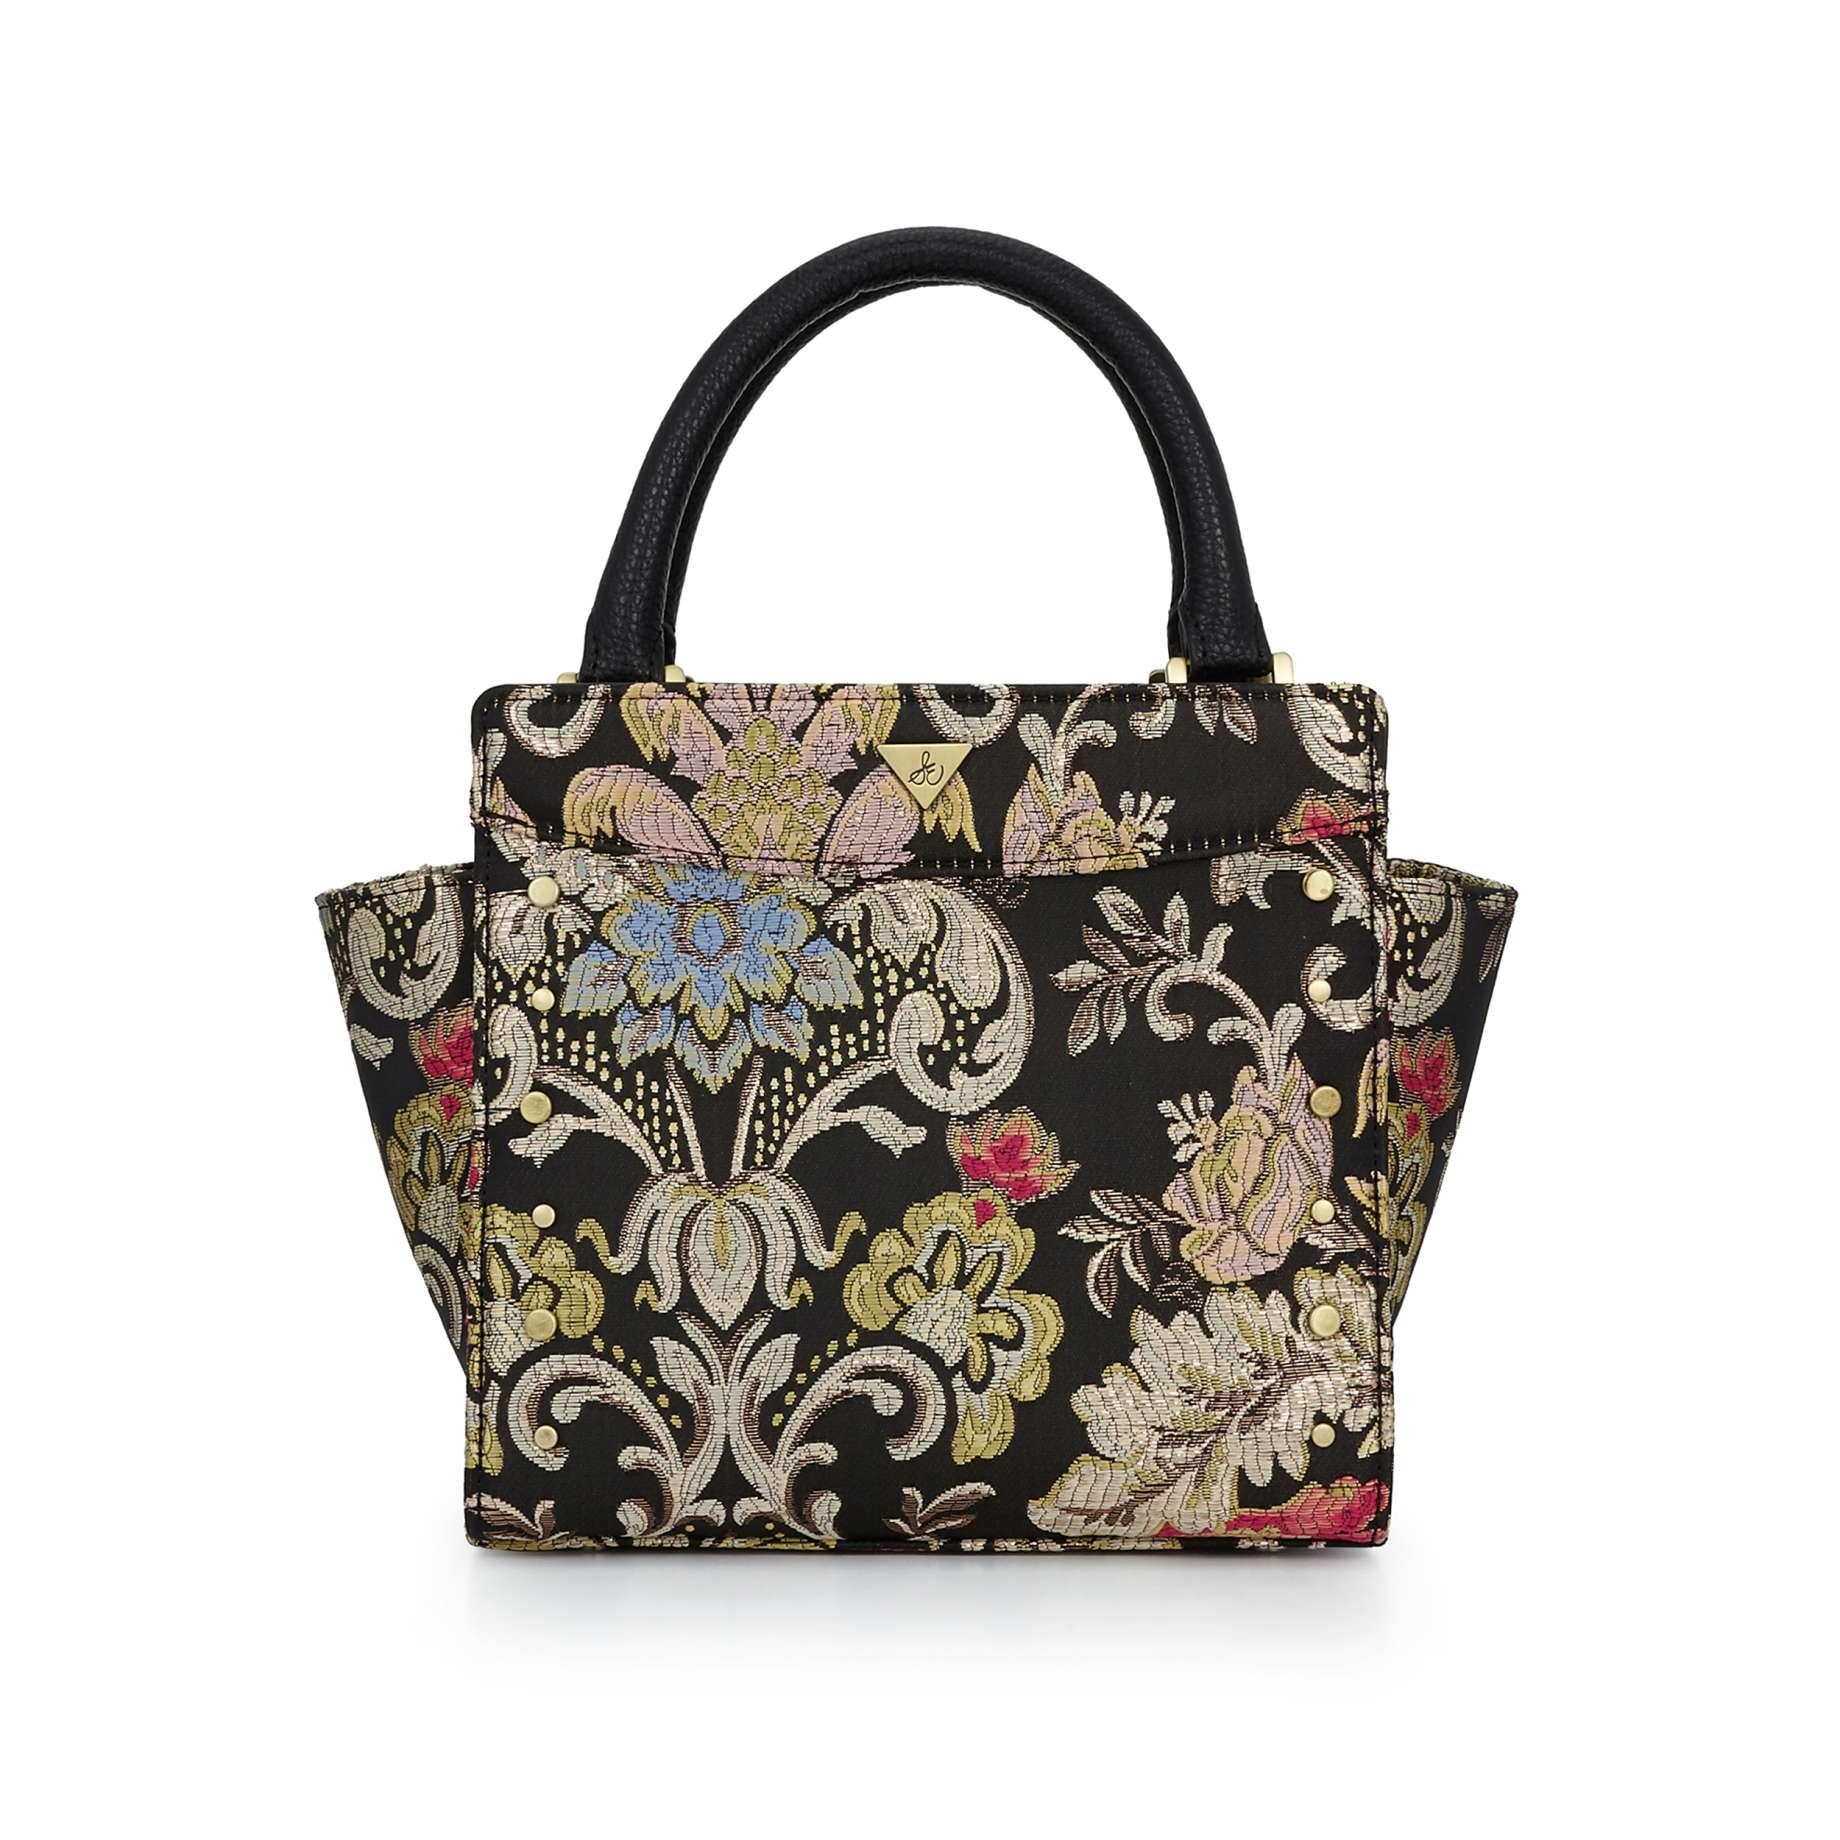 Karla Mini Tote Bag By Sam Edelman View 1